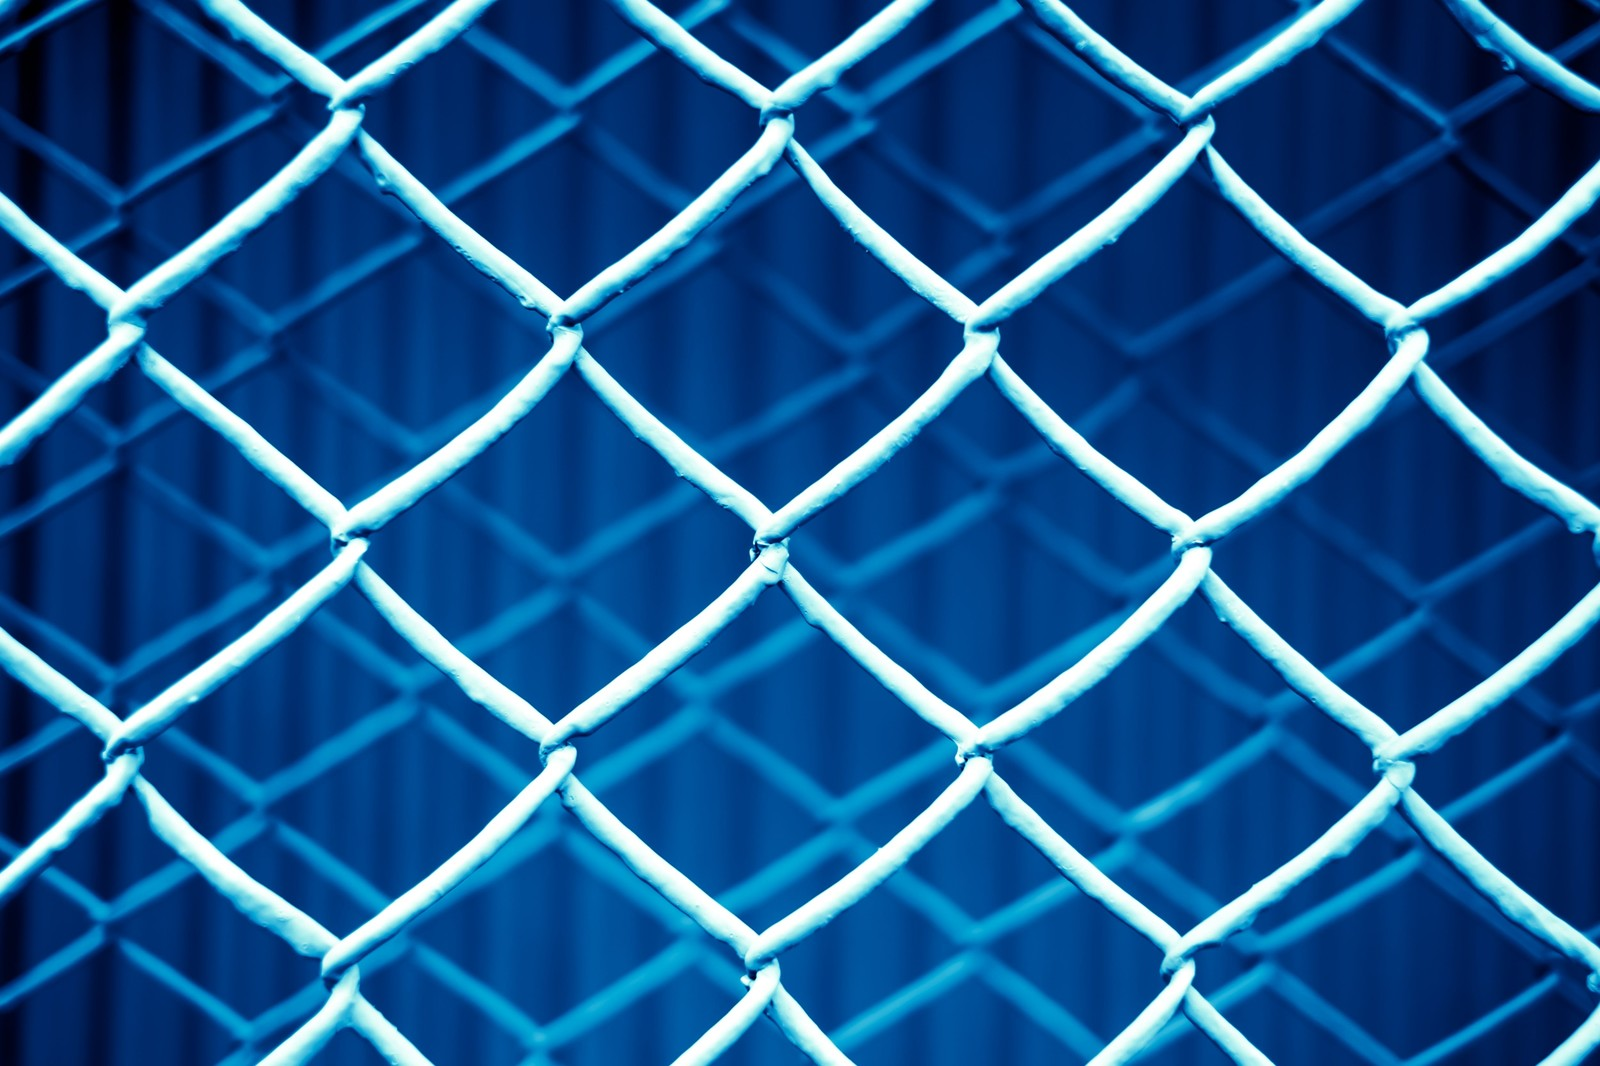 「重なった金網フェンス(青)」の写真